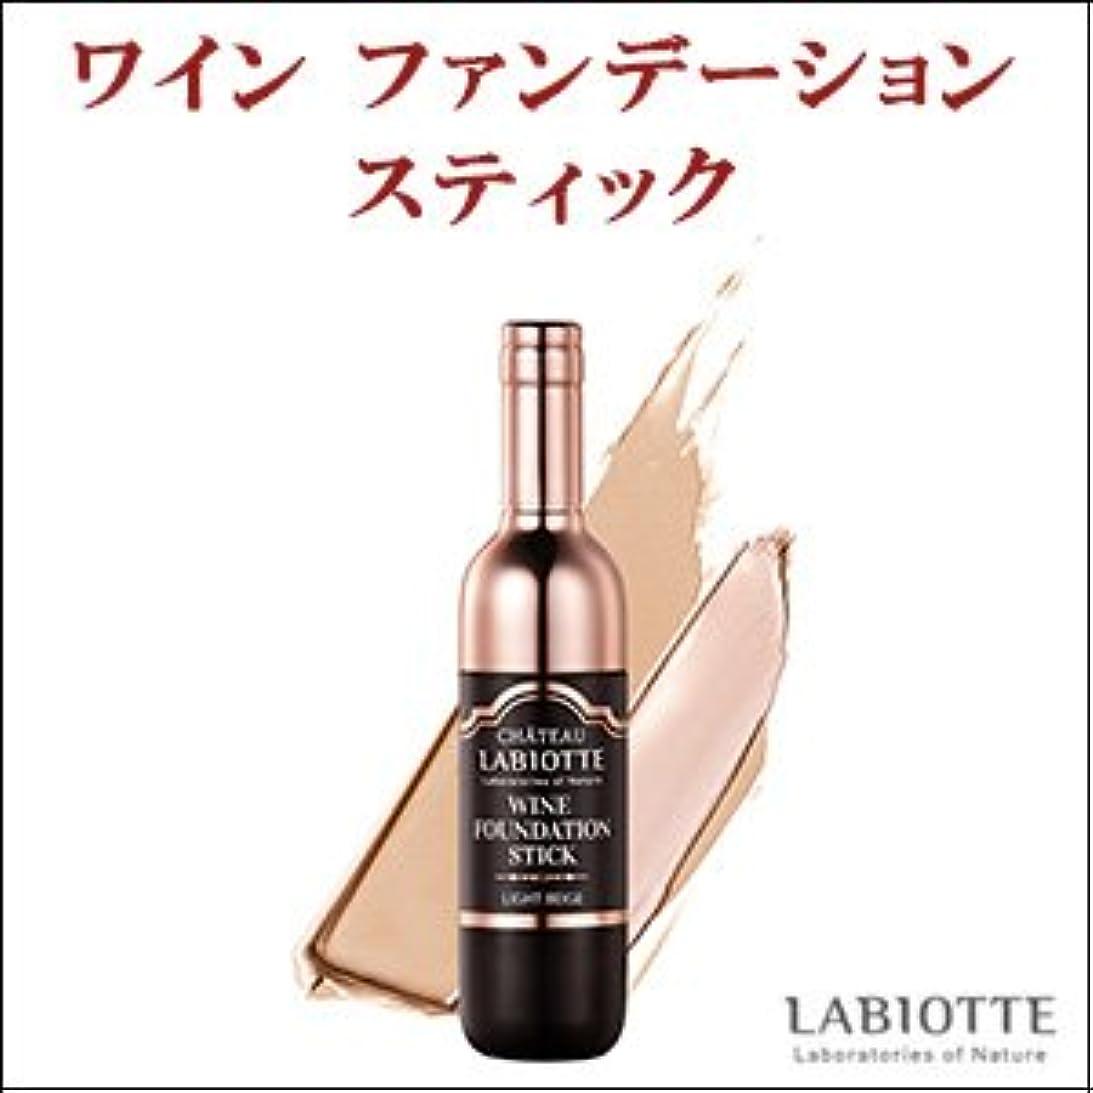 パンダ約設定問い合わせLABIOTTE シャトー ラビオッテ ワイン ファンデーション スティック カラー:P21 ピンクベージュ